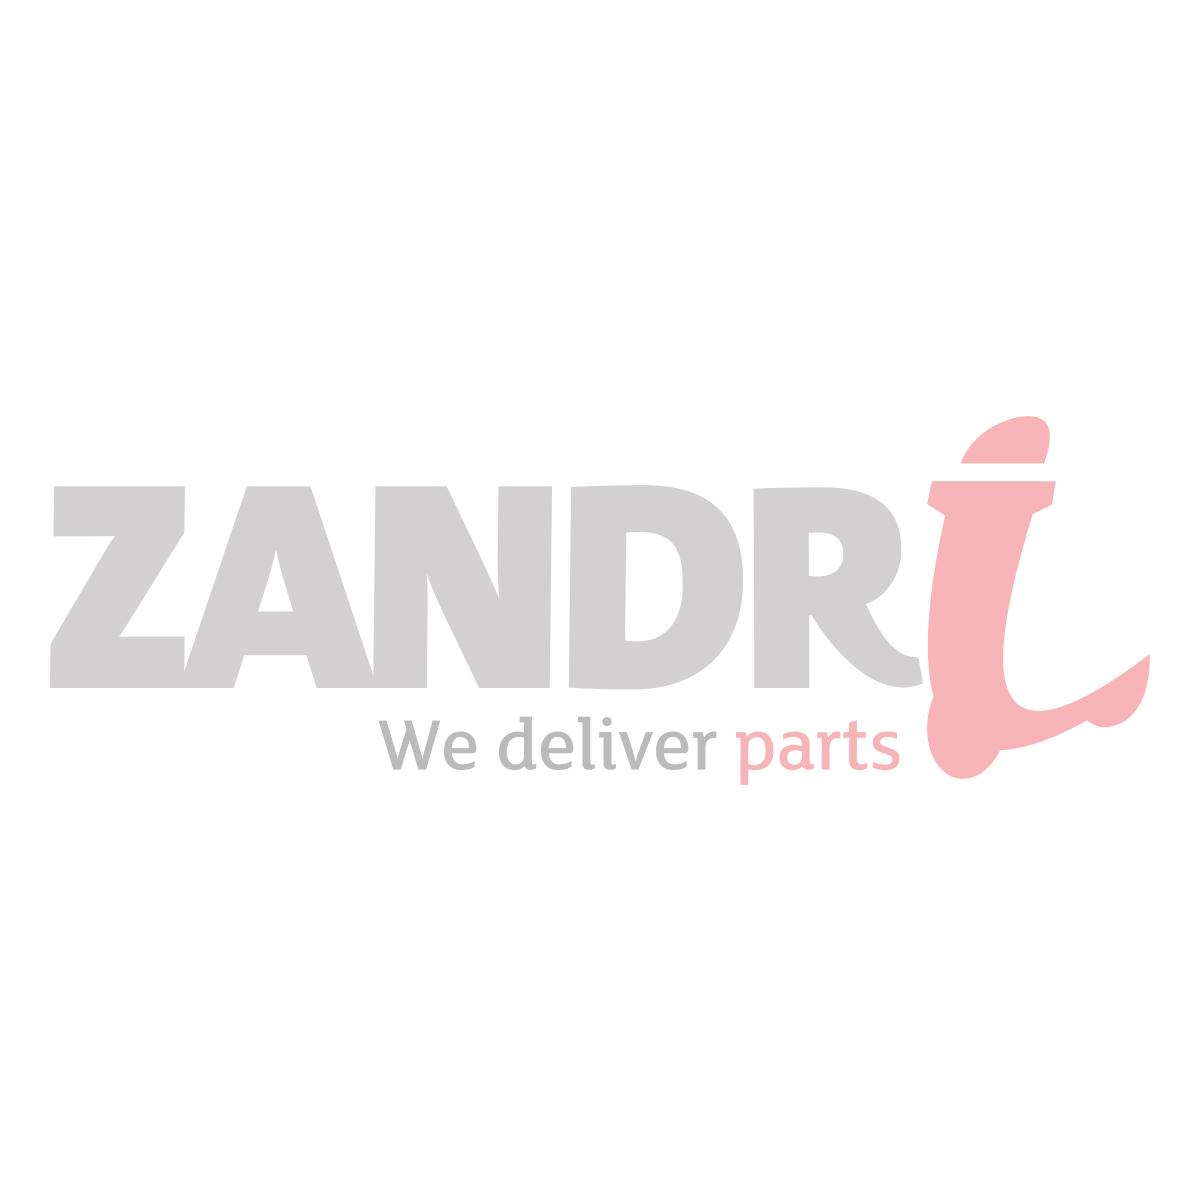 Uitlaat Yamaha DT50R / Rieju SMX / Malaguti XSM / Derbi Senda / Motorhispania Ryz Yasuni R2 cpl aluminium tub810